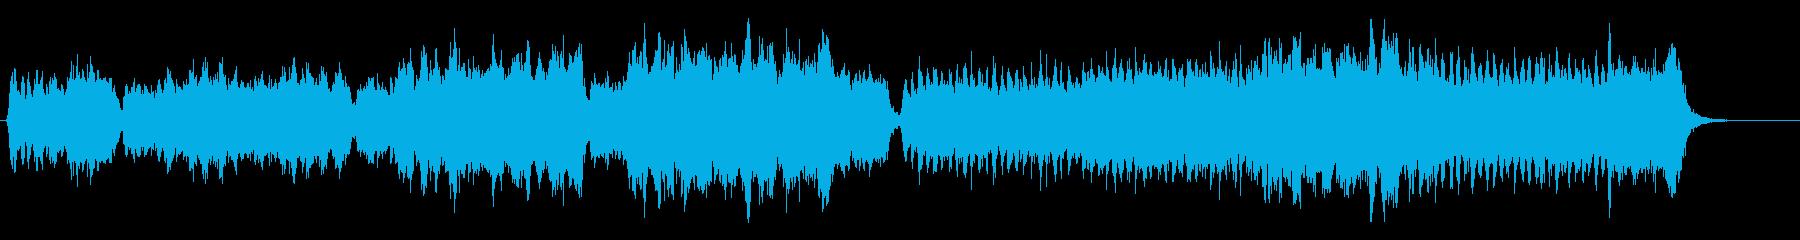 重厚な響きの躍動感あふれるオーケストラ曲の再生済みの波形